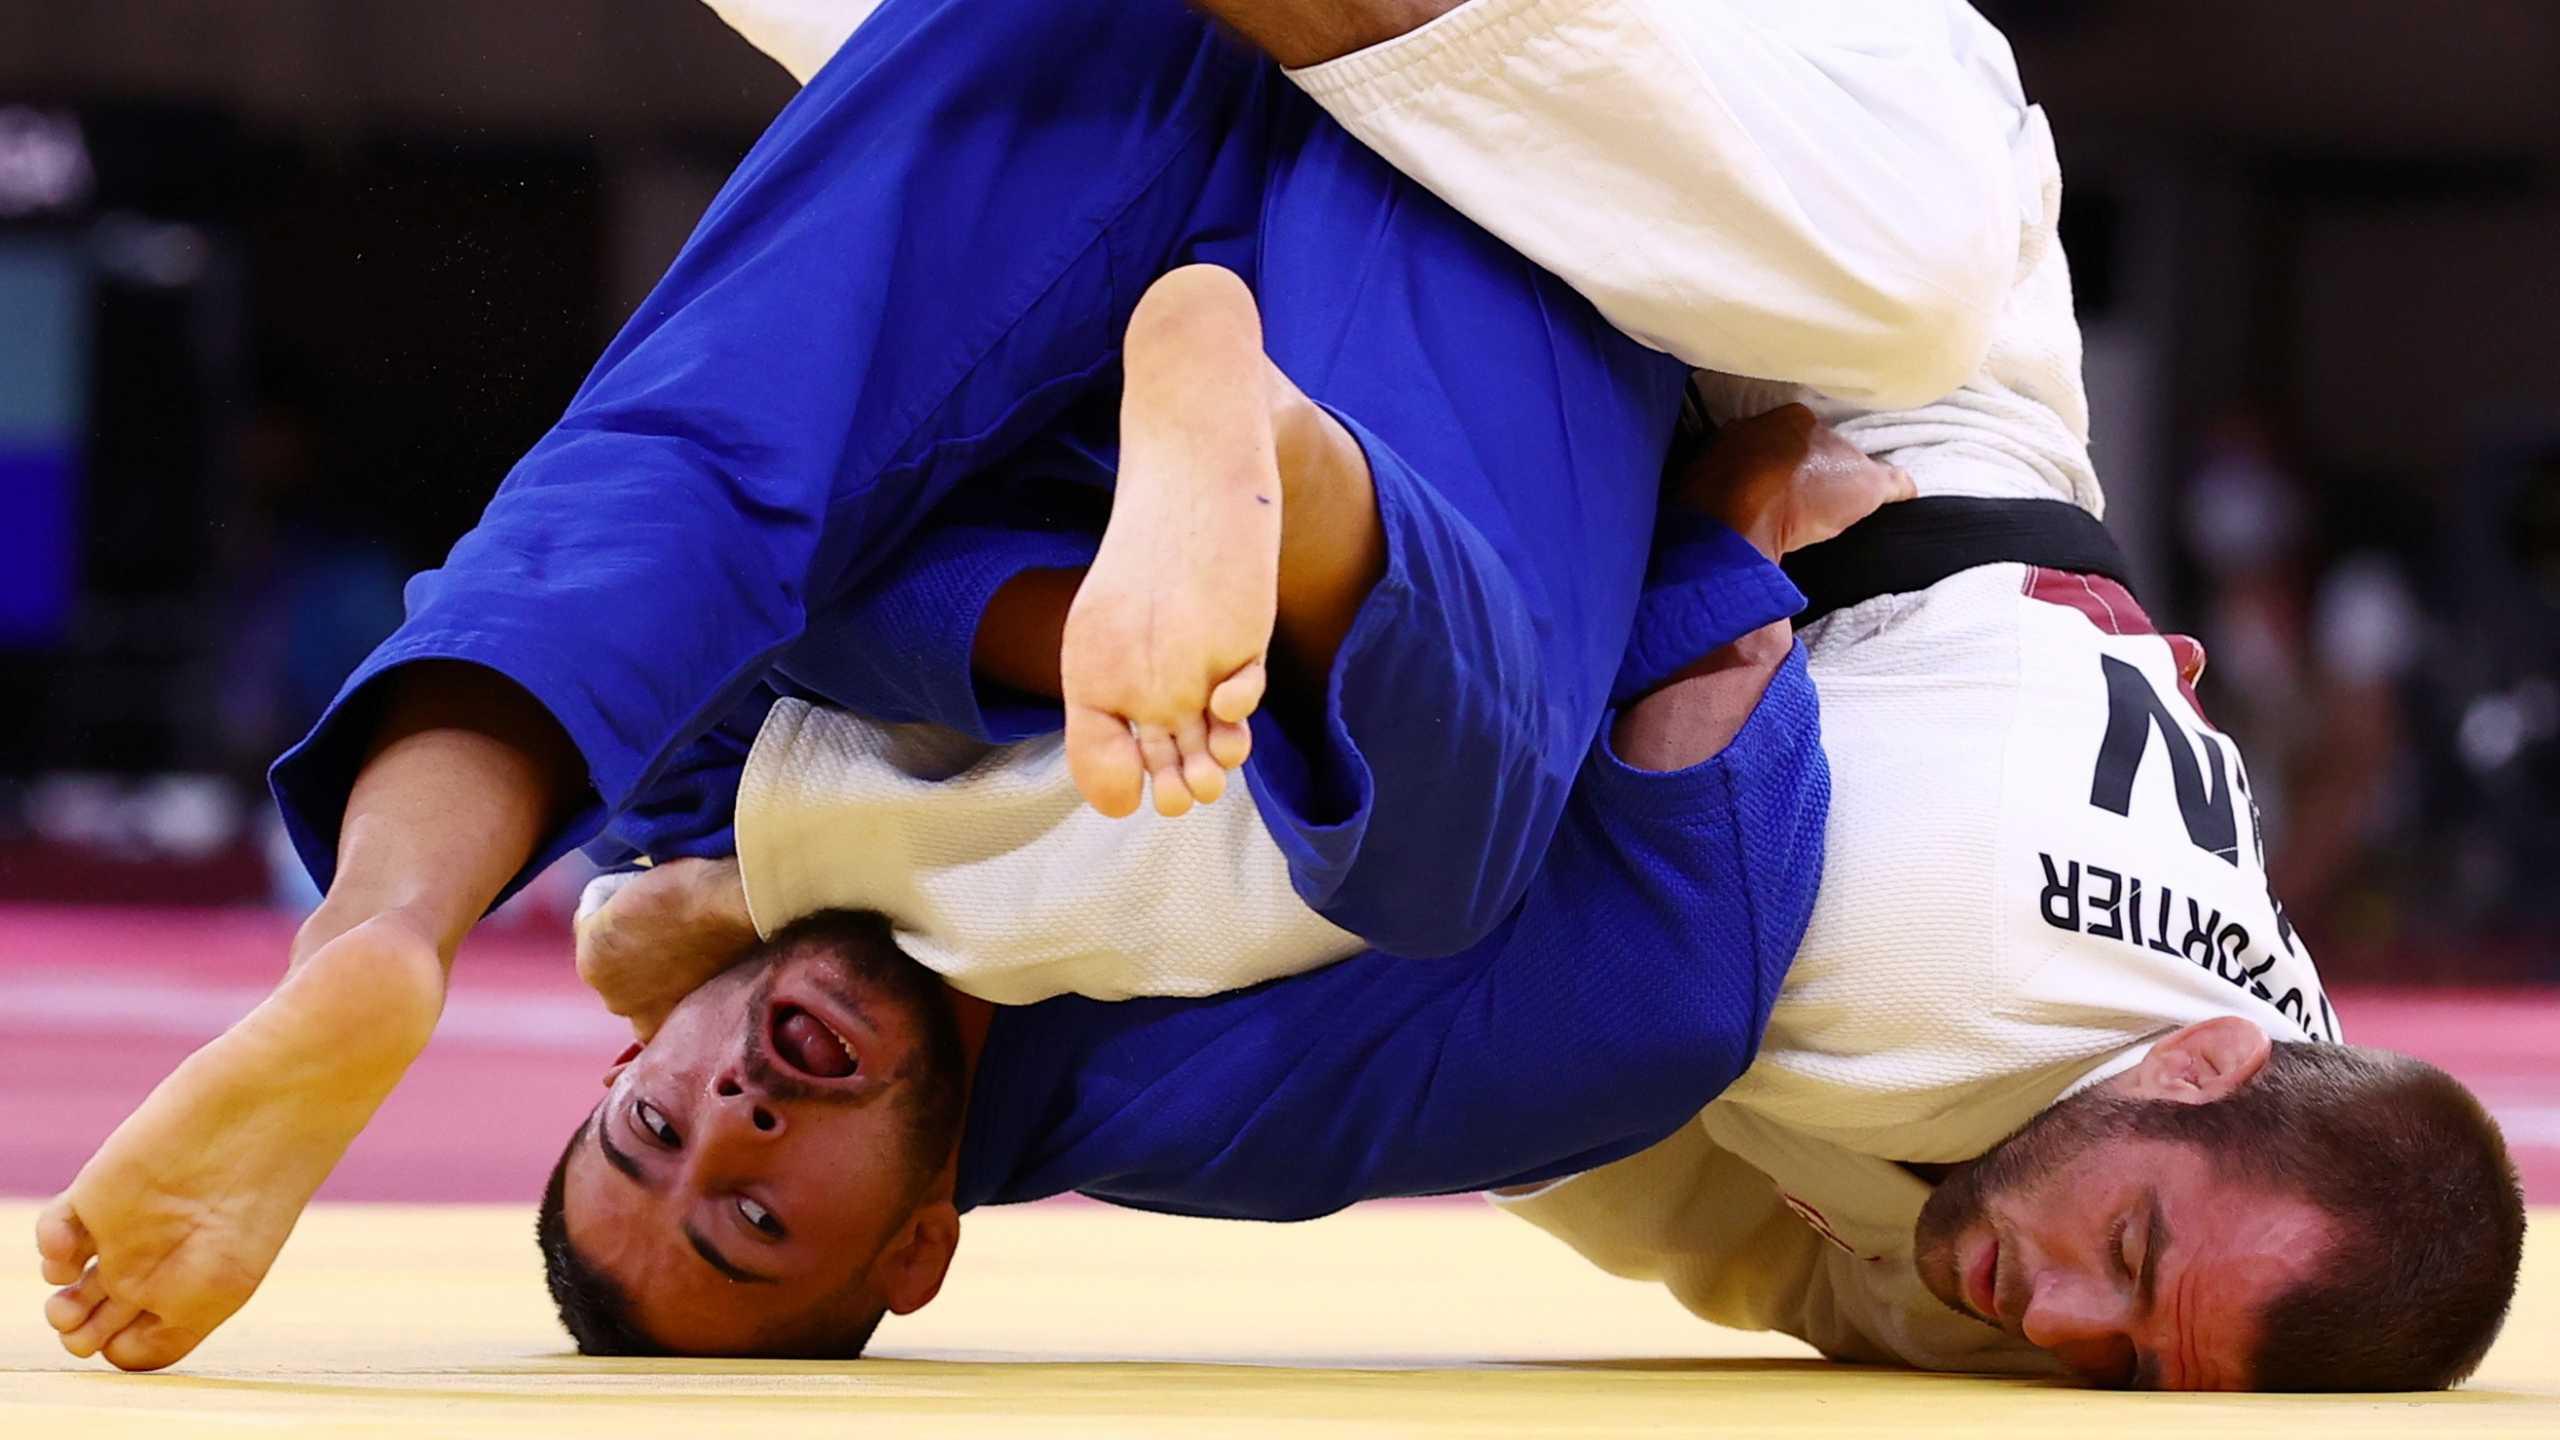 Ολυμπιακοί Αγώνες – Τζούντο: Αποκλείστηκε ο Αλέξης Ντανατσίδης